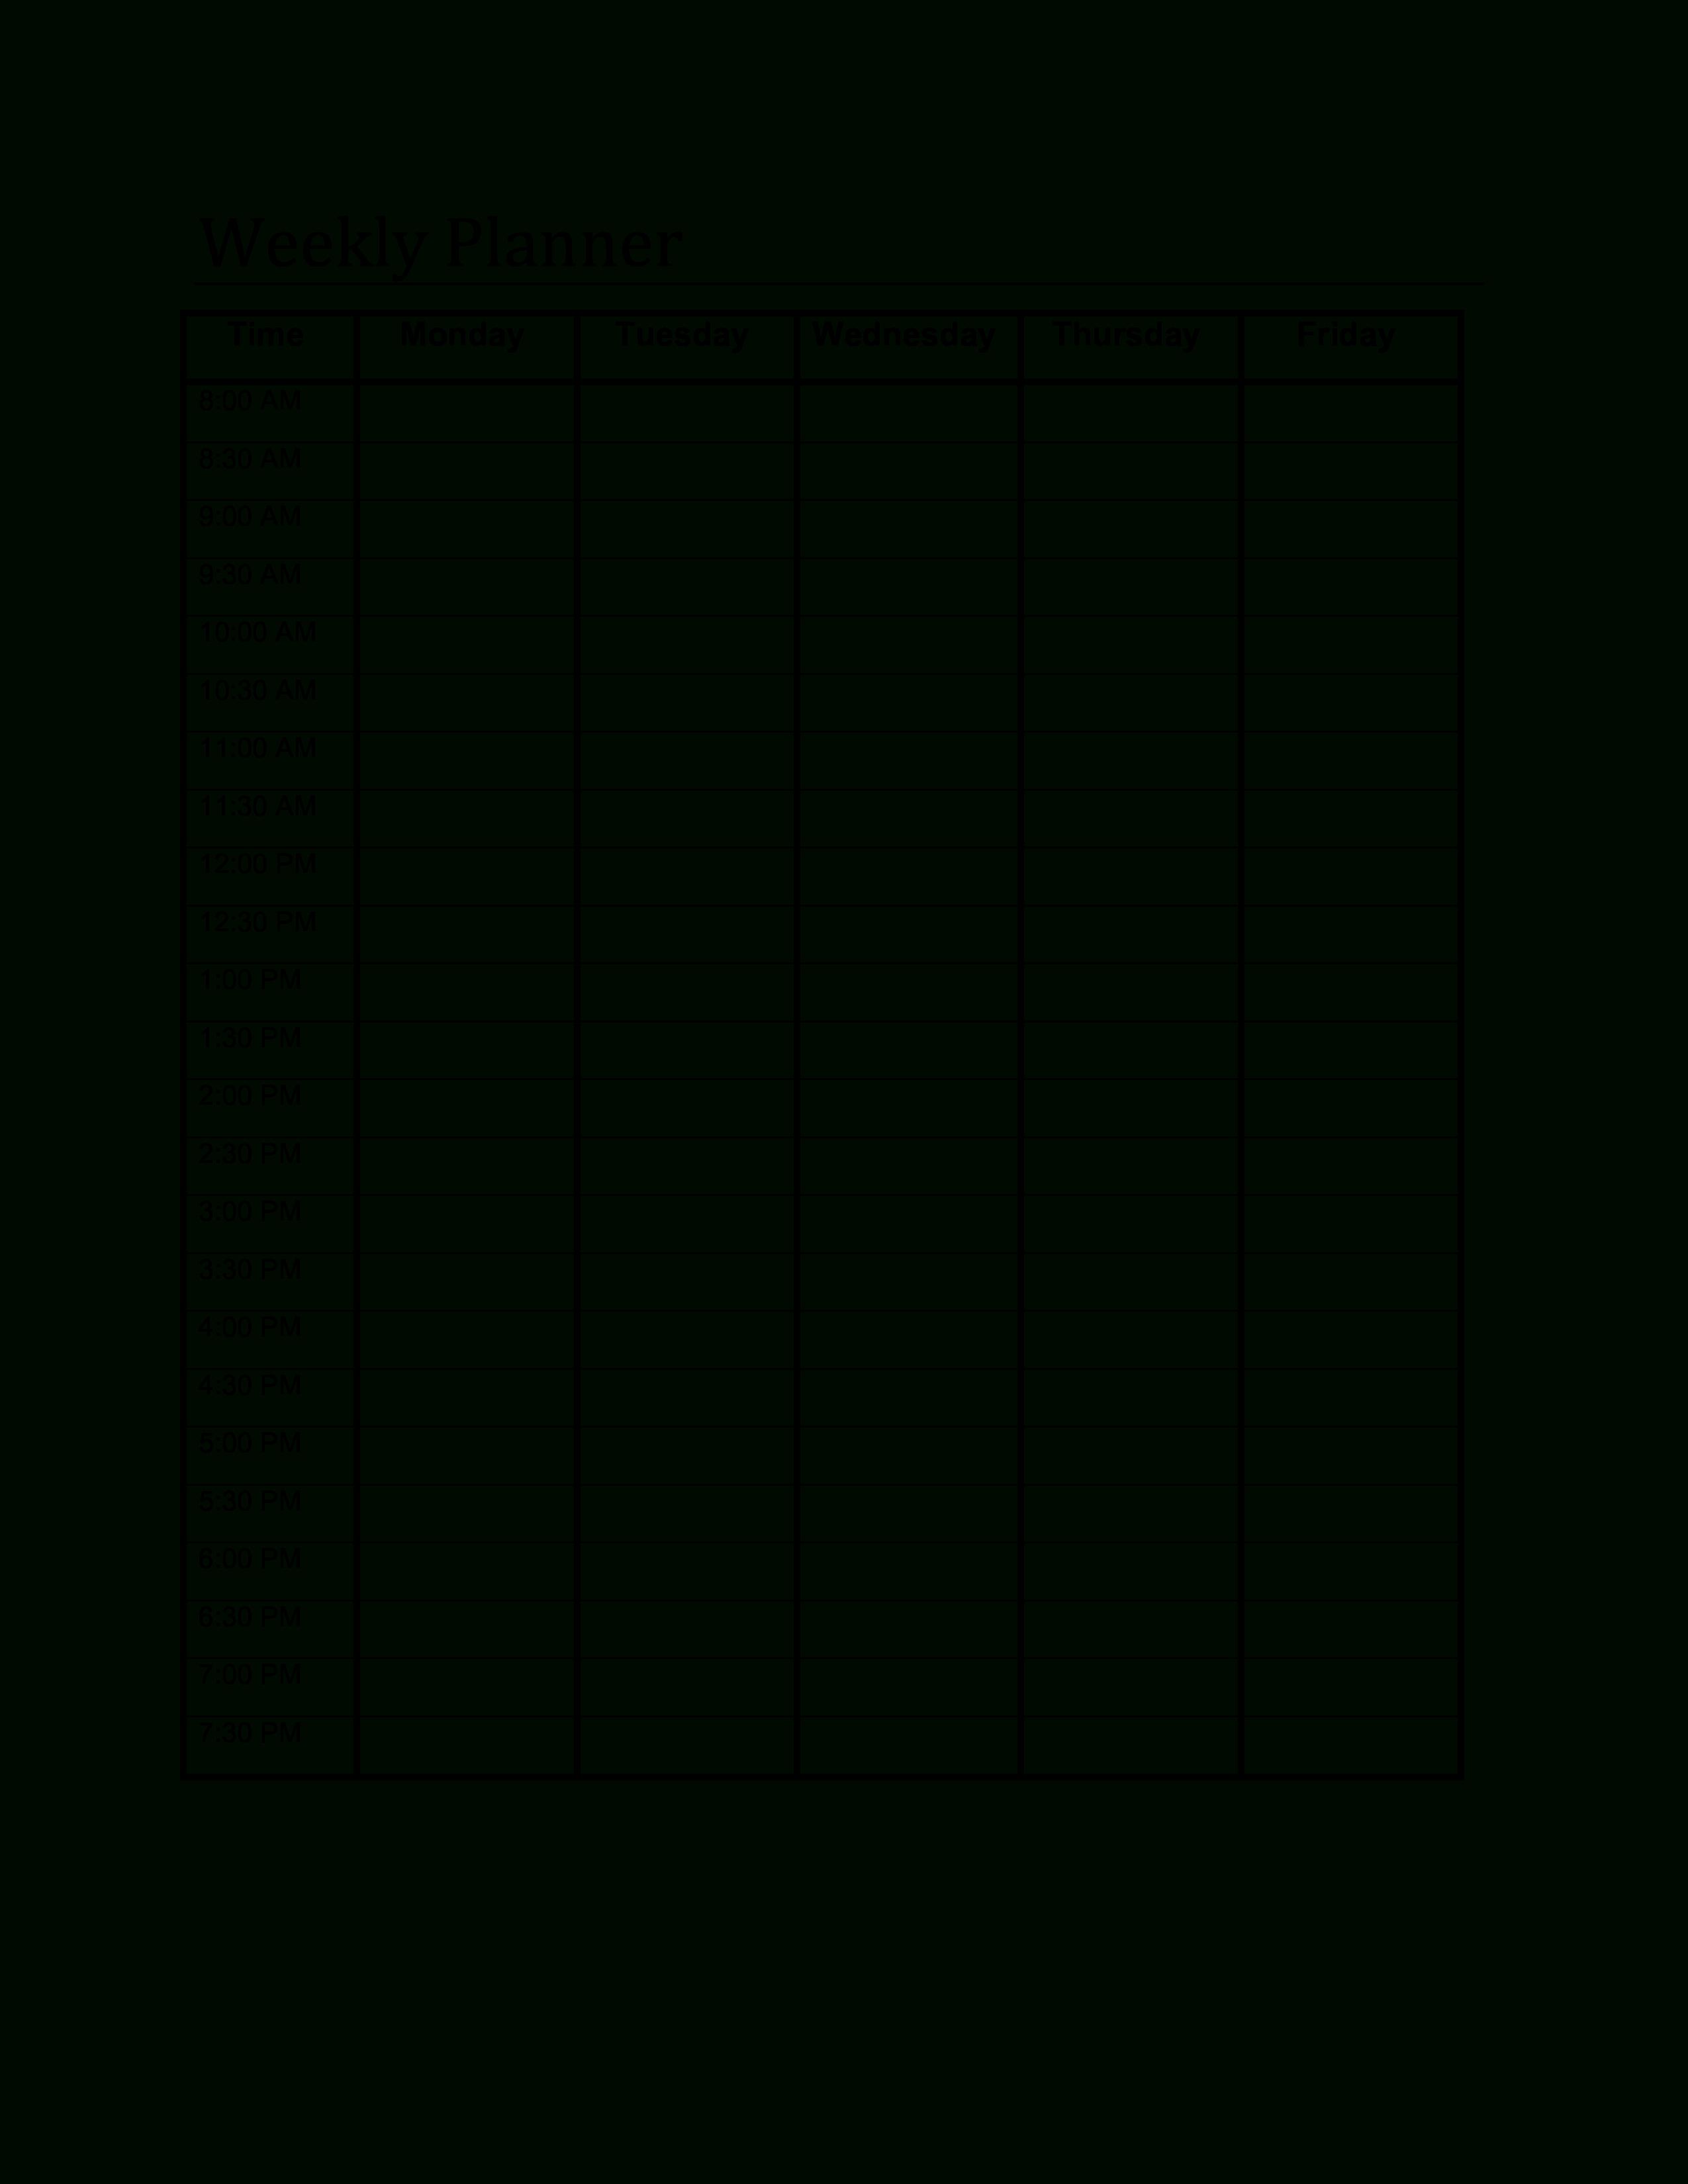 Schedule Template Editable Weekly Planner Free Downloadable Calendar pertaining to Printable Blank 12 Week Calendar Template